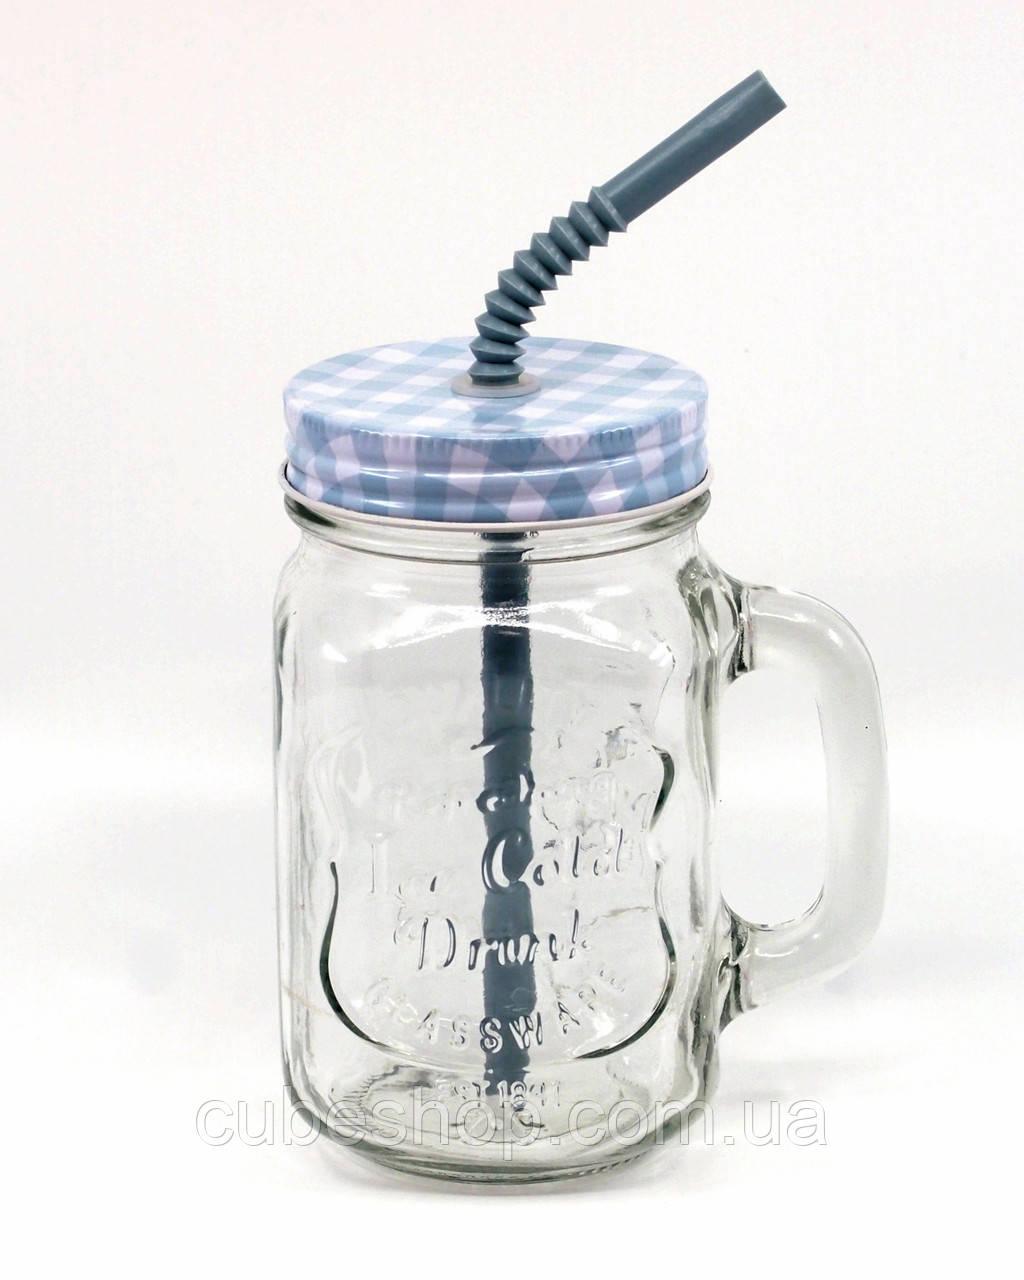 банка с ручкой Mason Jar Plaid 330 мл синий купить в украине киеве по лучшей цене Cubeshop